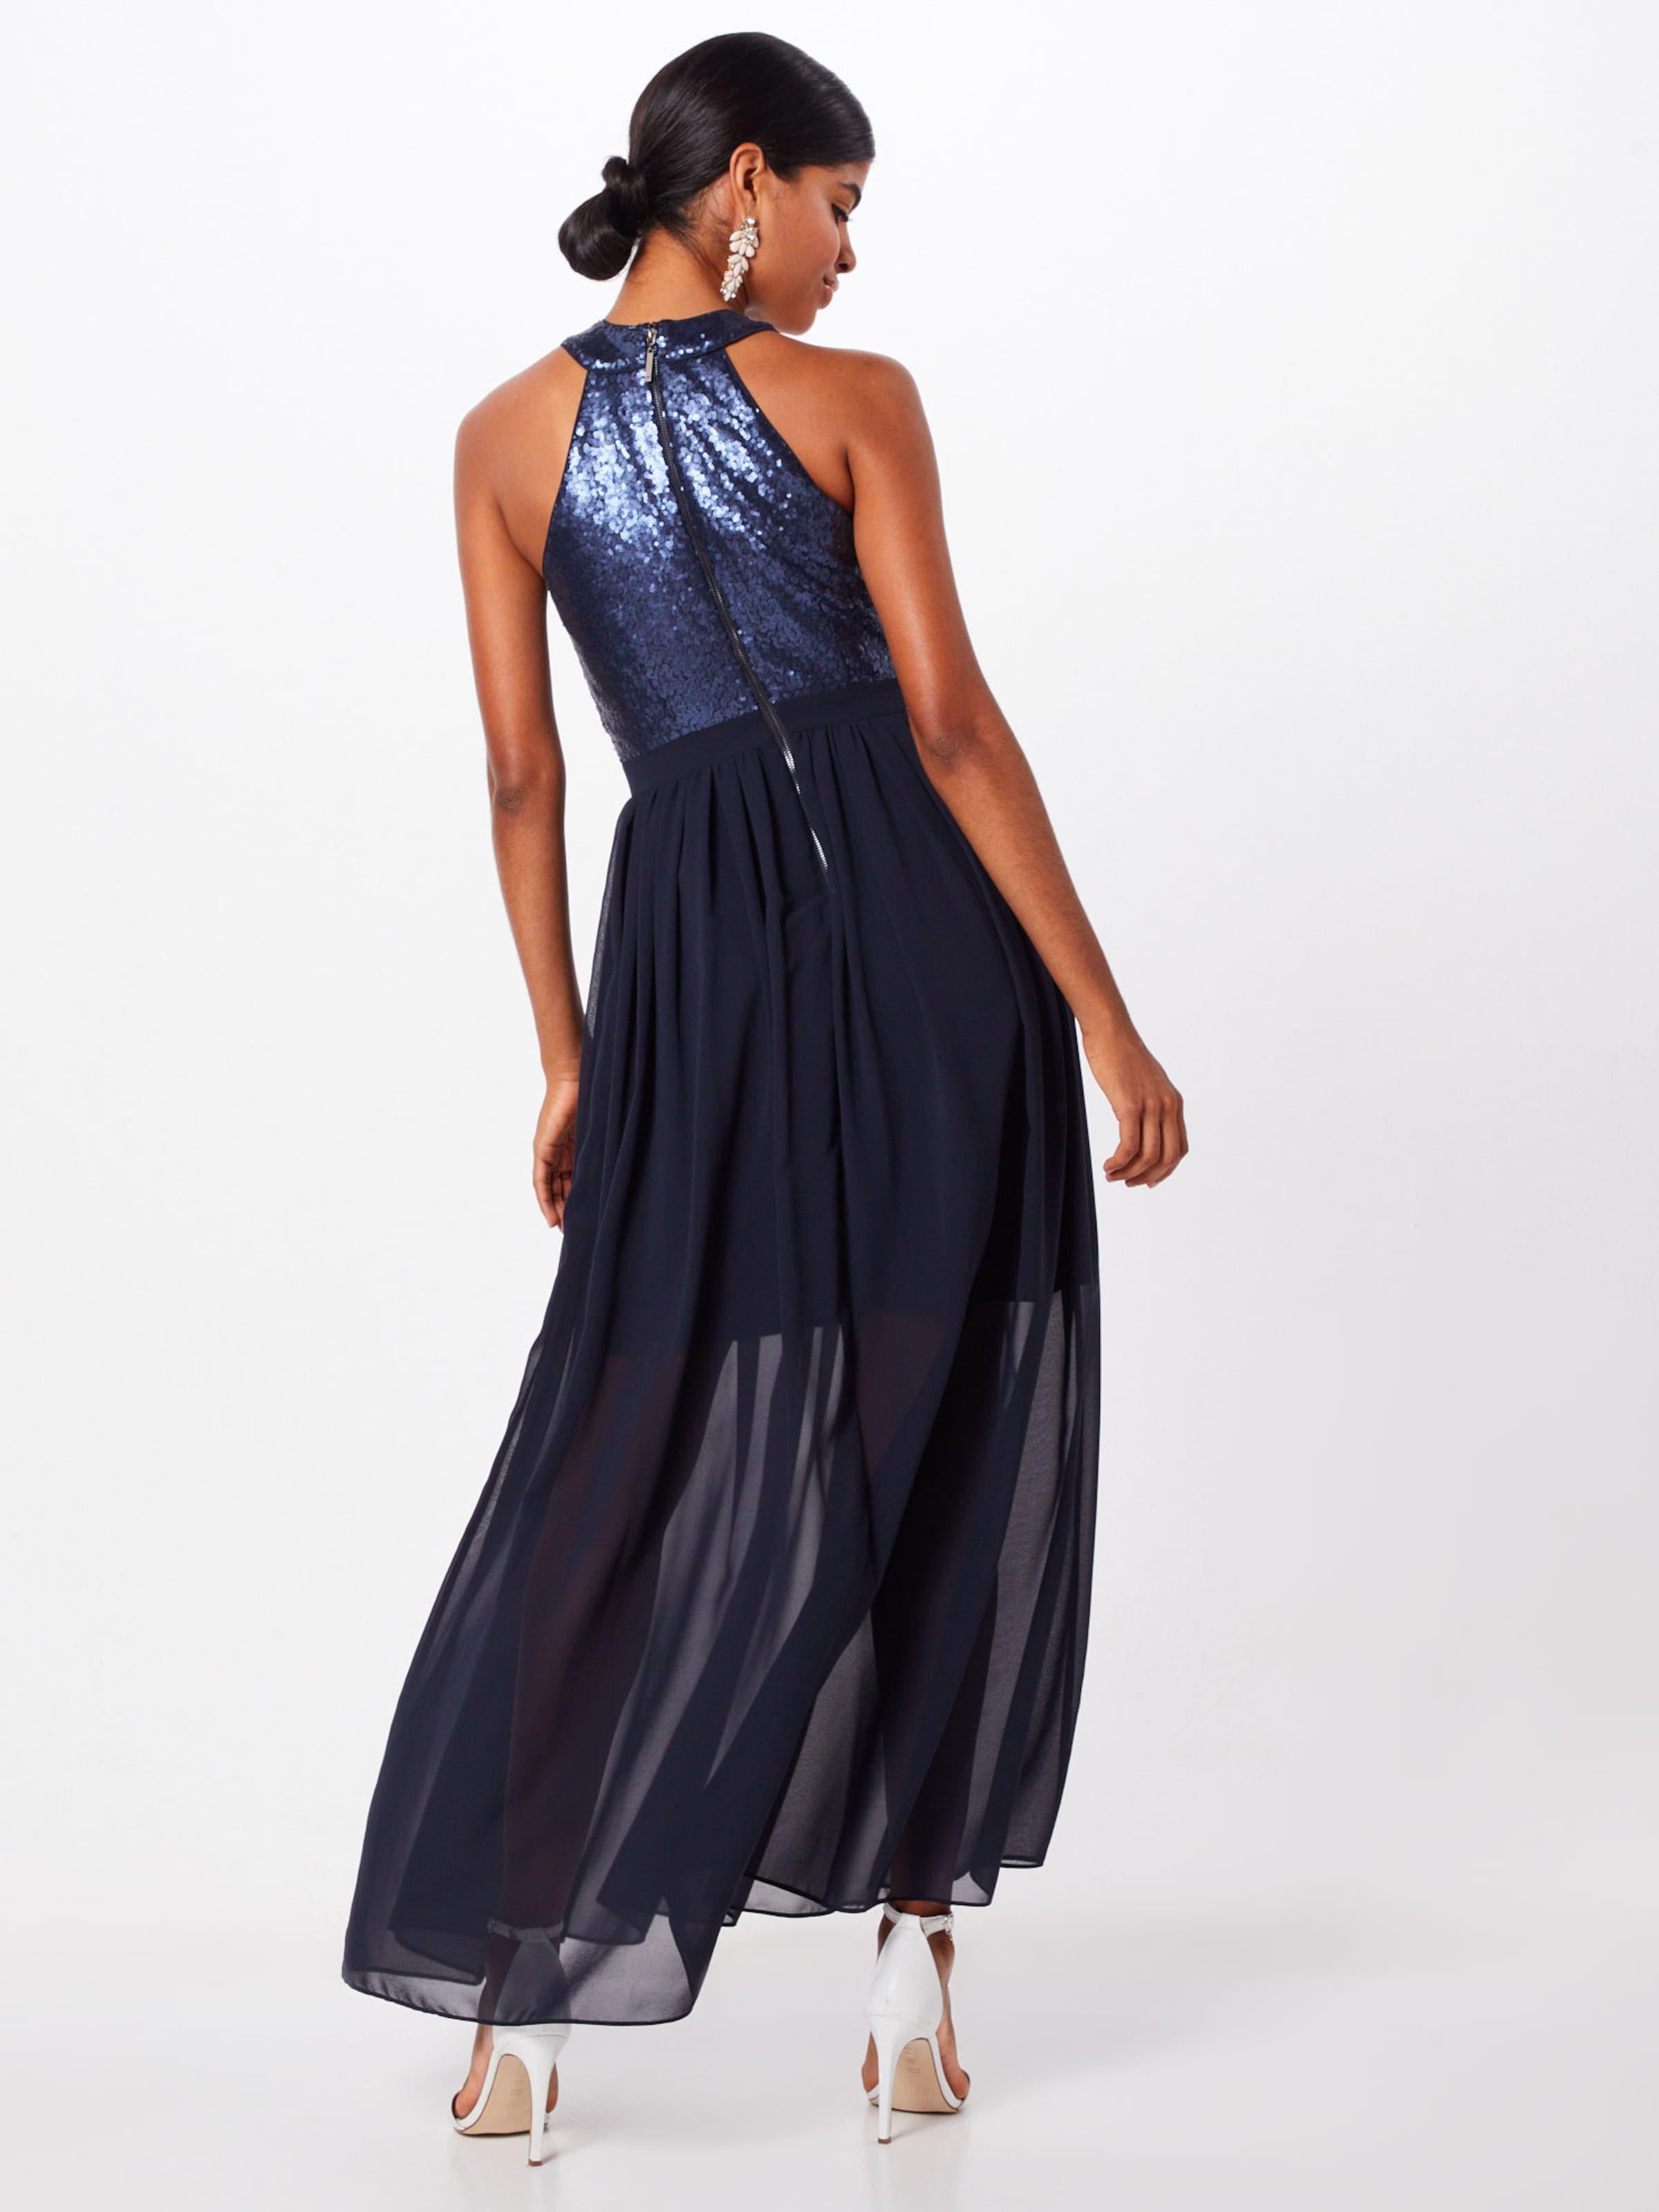 Abendkleid Abendkleid Abendkleid In Abendkleid Nachtblau In Apart Apart Nachtblau Apart In In Nachtblau Apart bv76yfYg